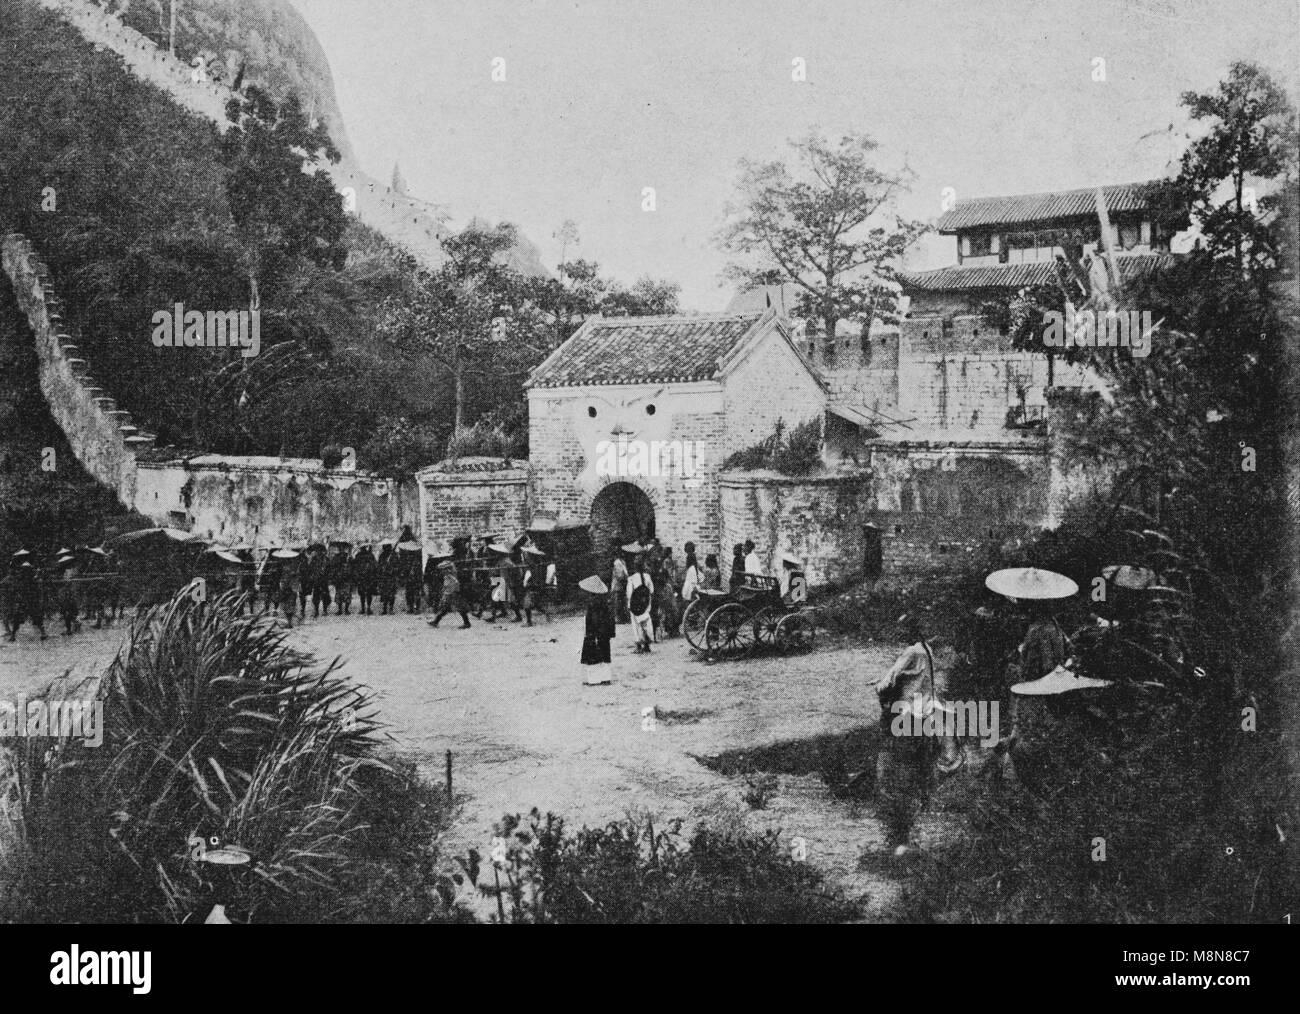 Inaugurazione della ferrovia costruita dalla Francia tra Hanoi e Cina nel 1900, Immagine dal settimanale francese Immagini Stock